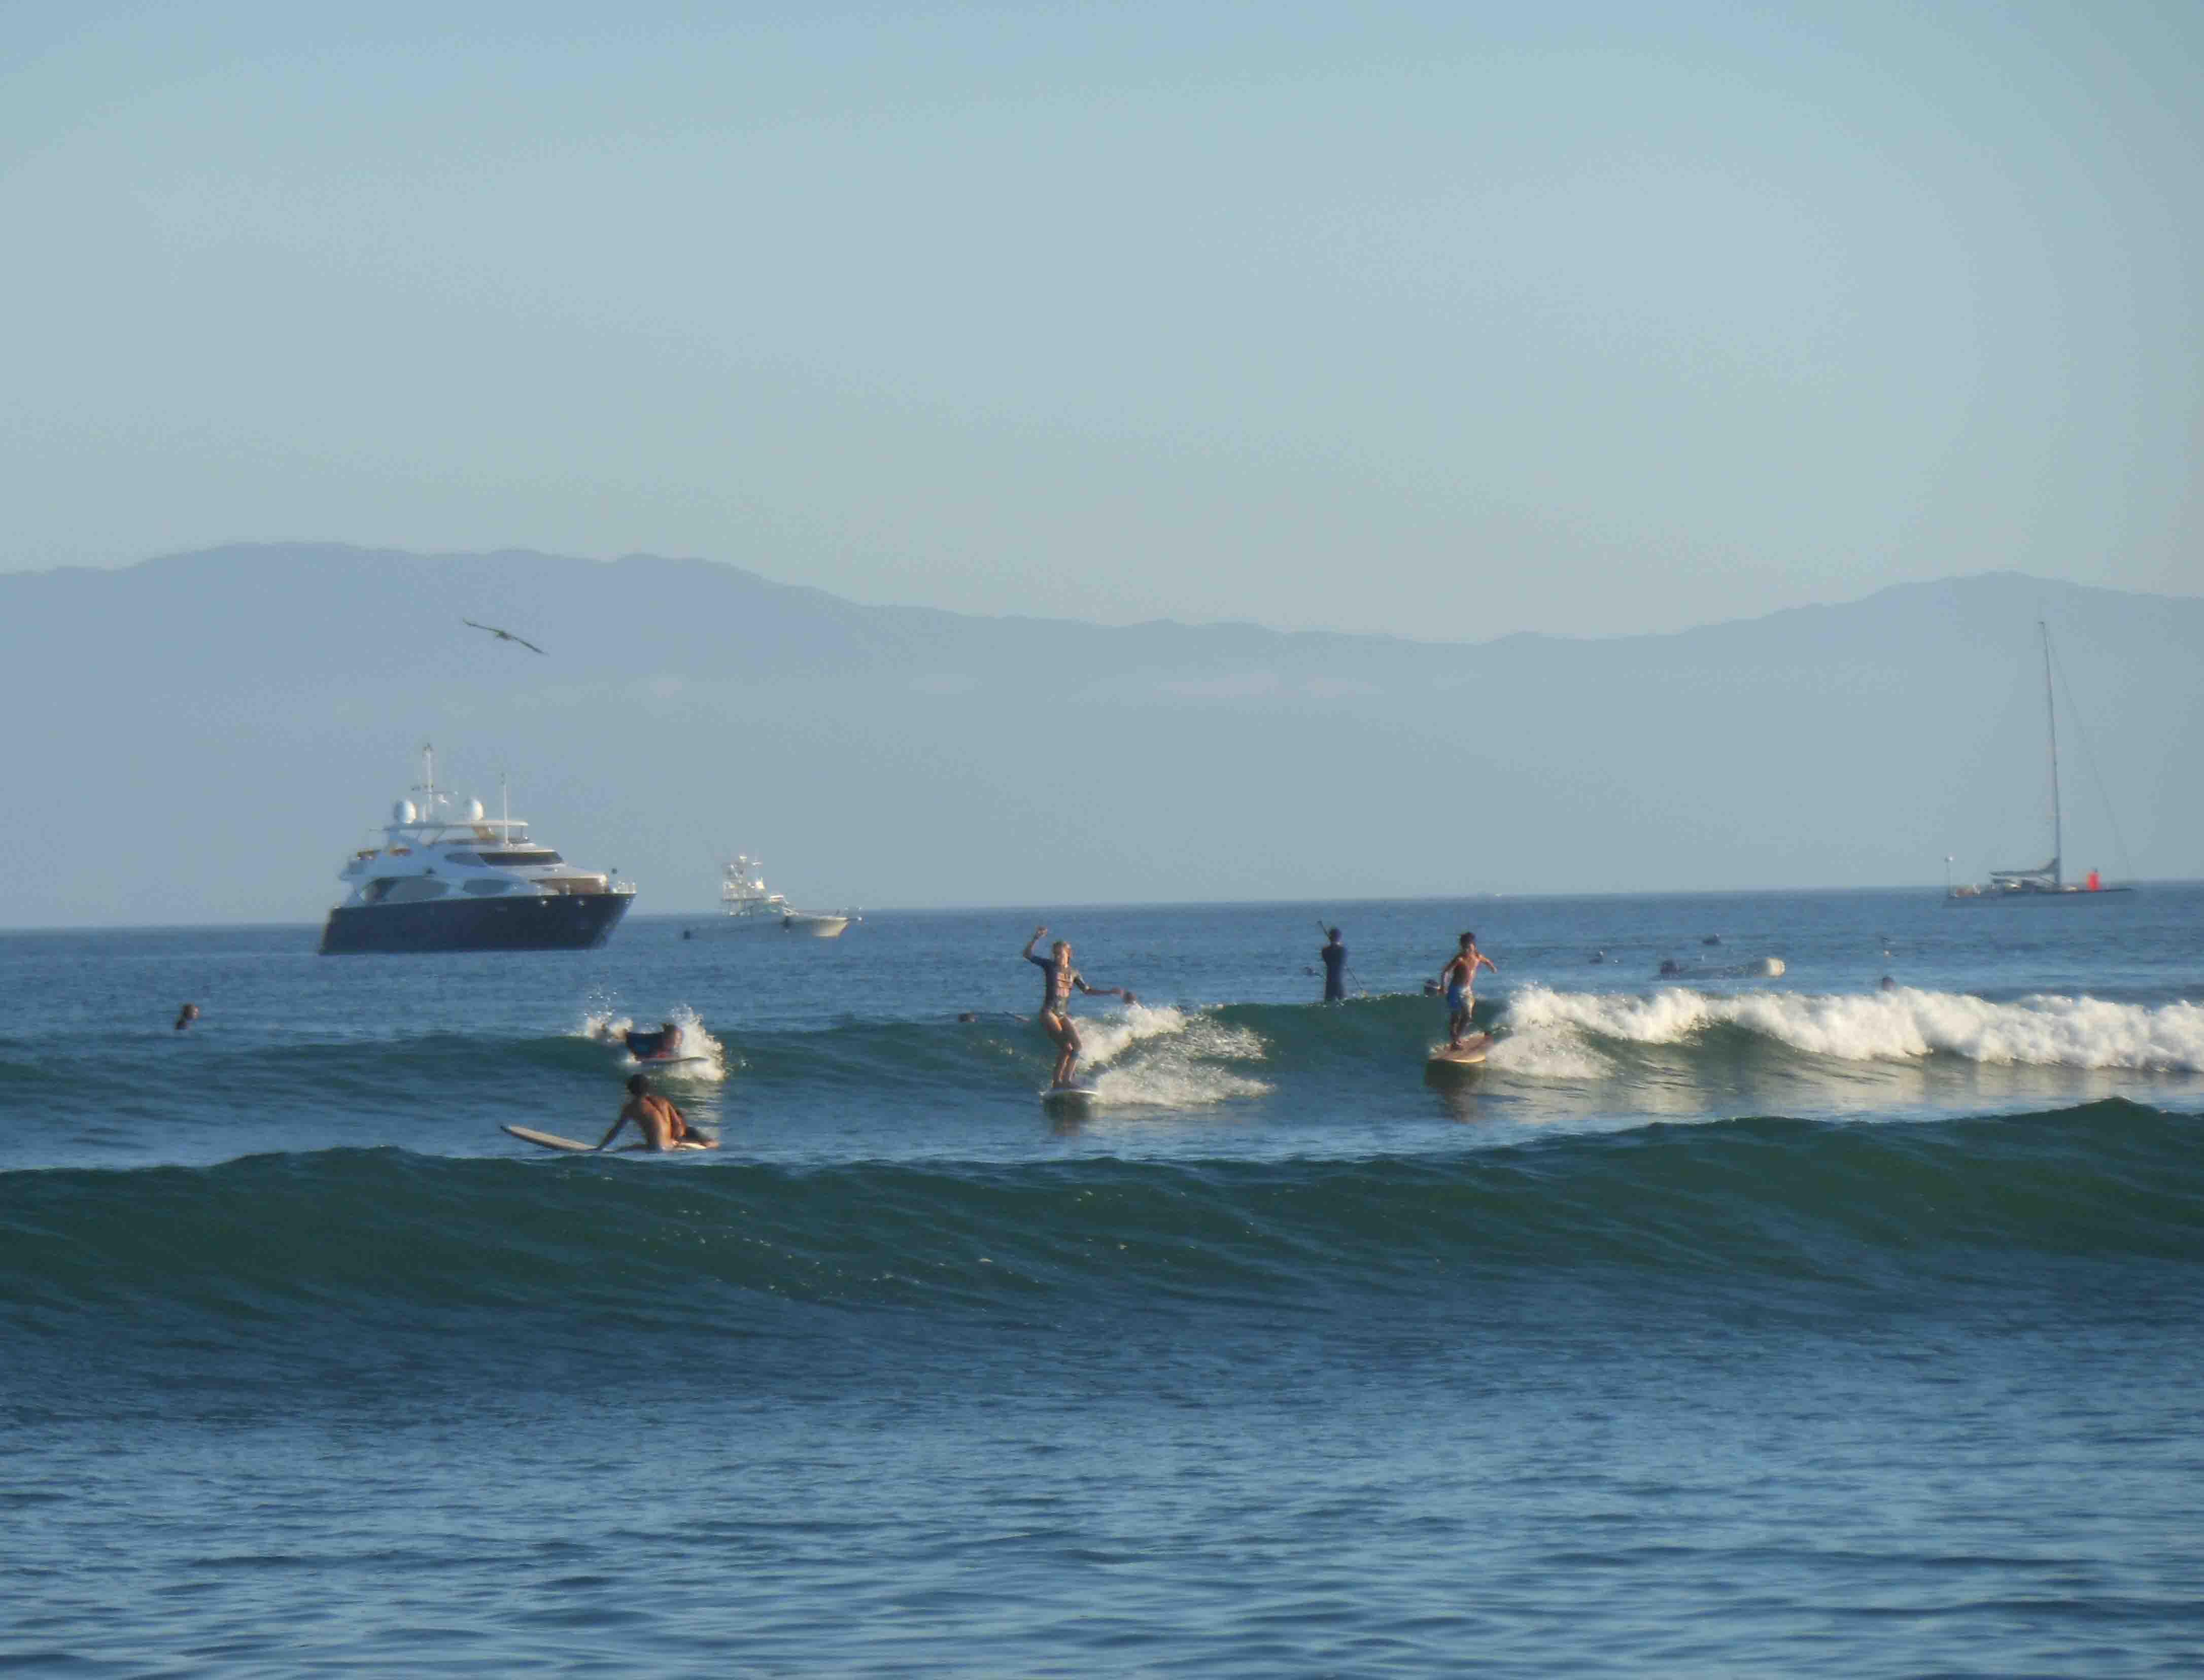 Punta Mita Surfing Punta Mita Surfers